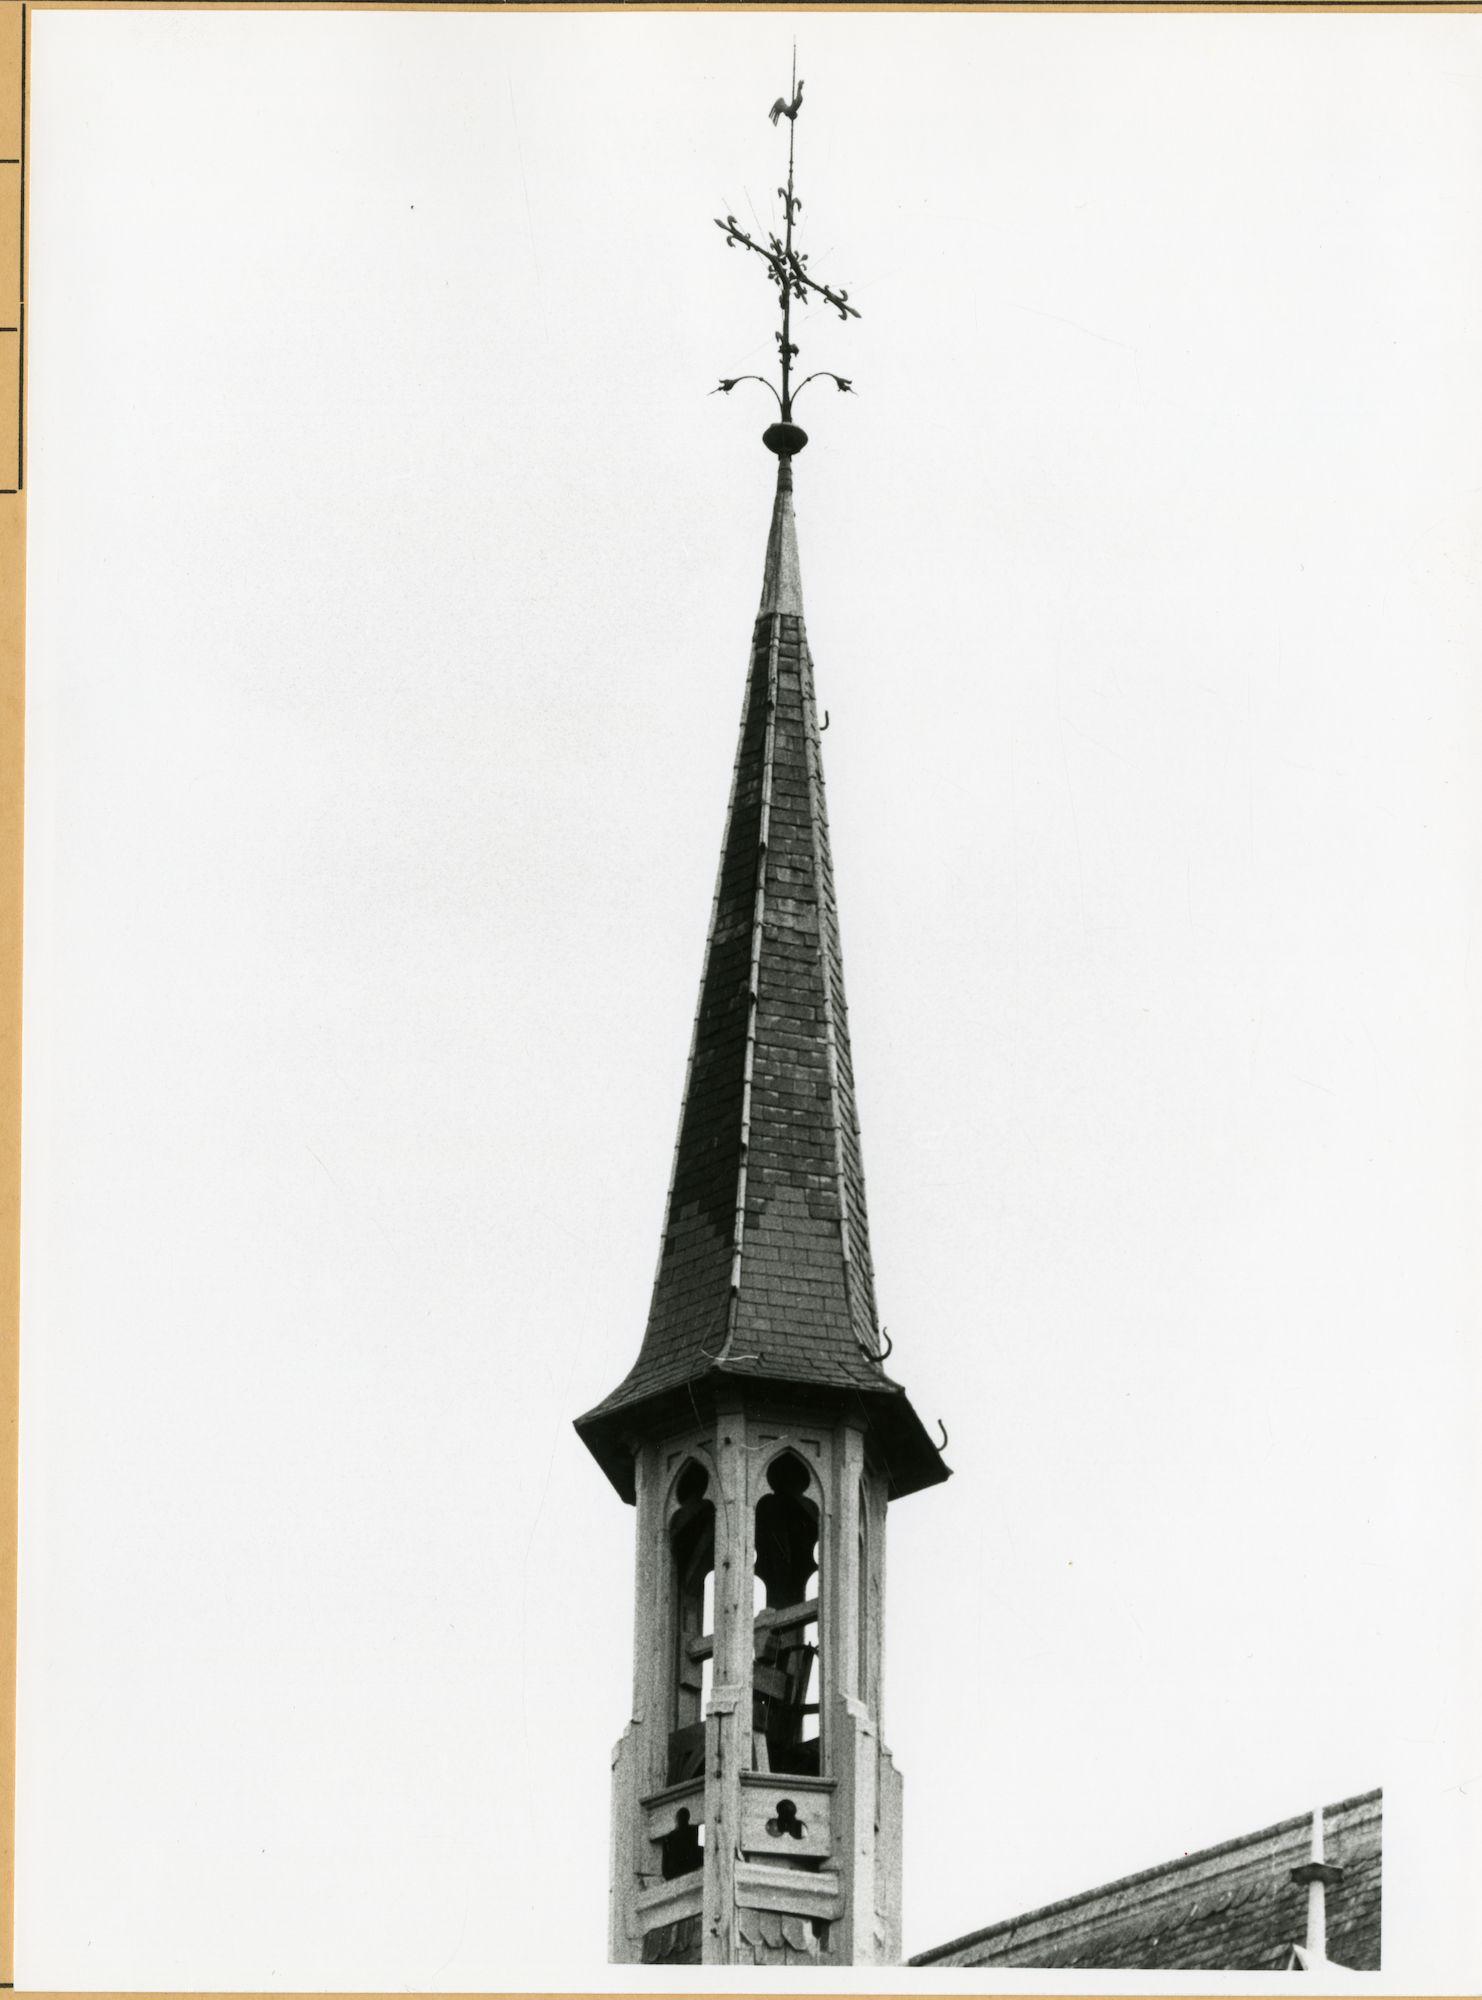 Gent: Coupure Links 179-181: Toevlucht van Maria: toren